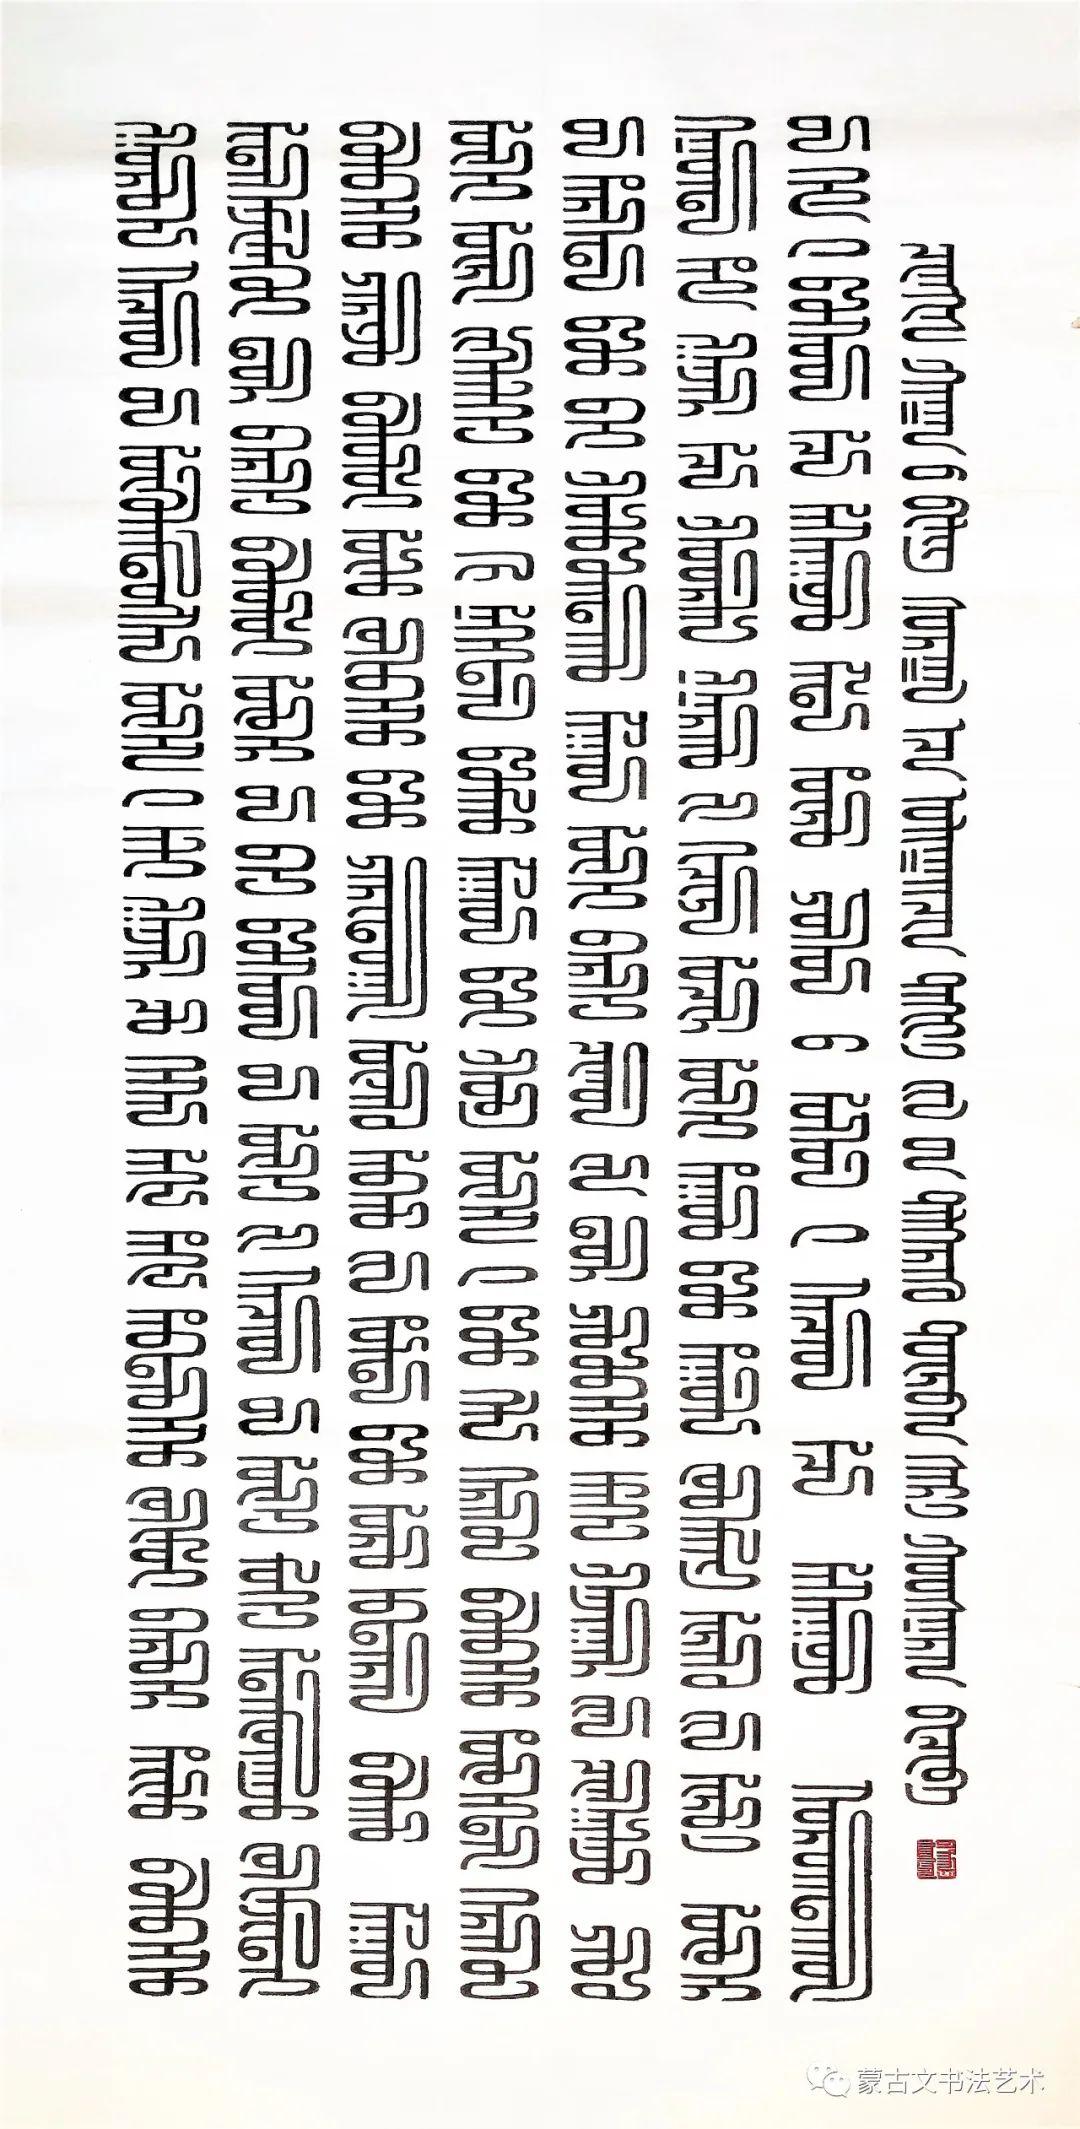 好斯那拉篆书作品 第14张 好斯那拉篆书作品 蒙古书法